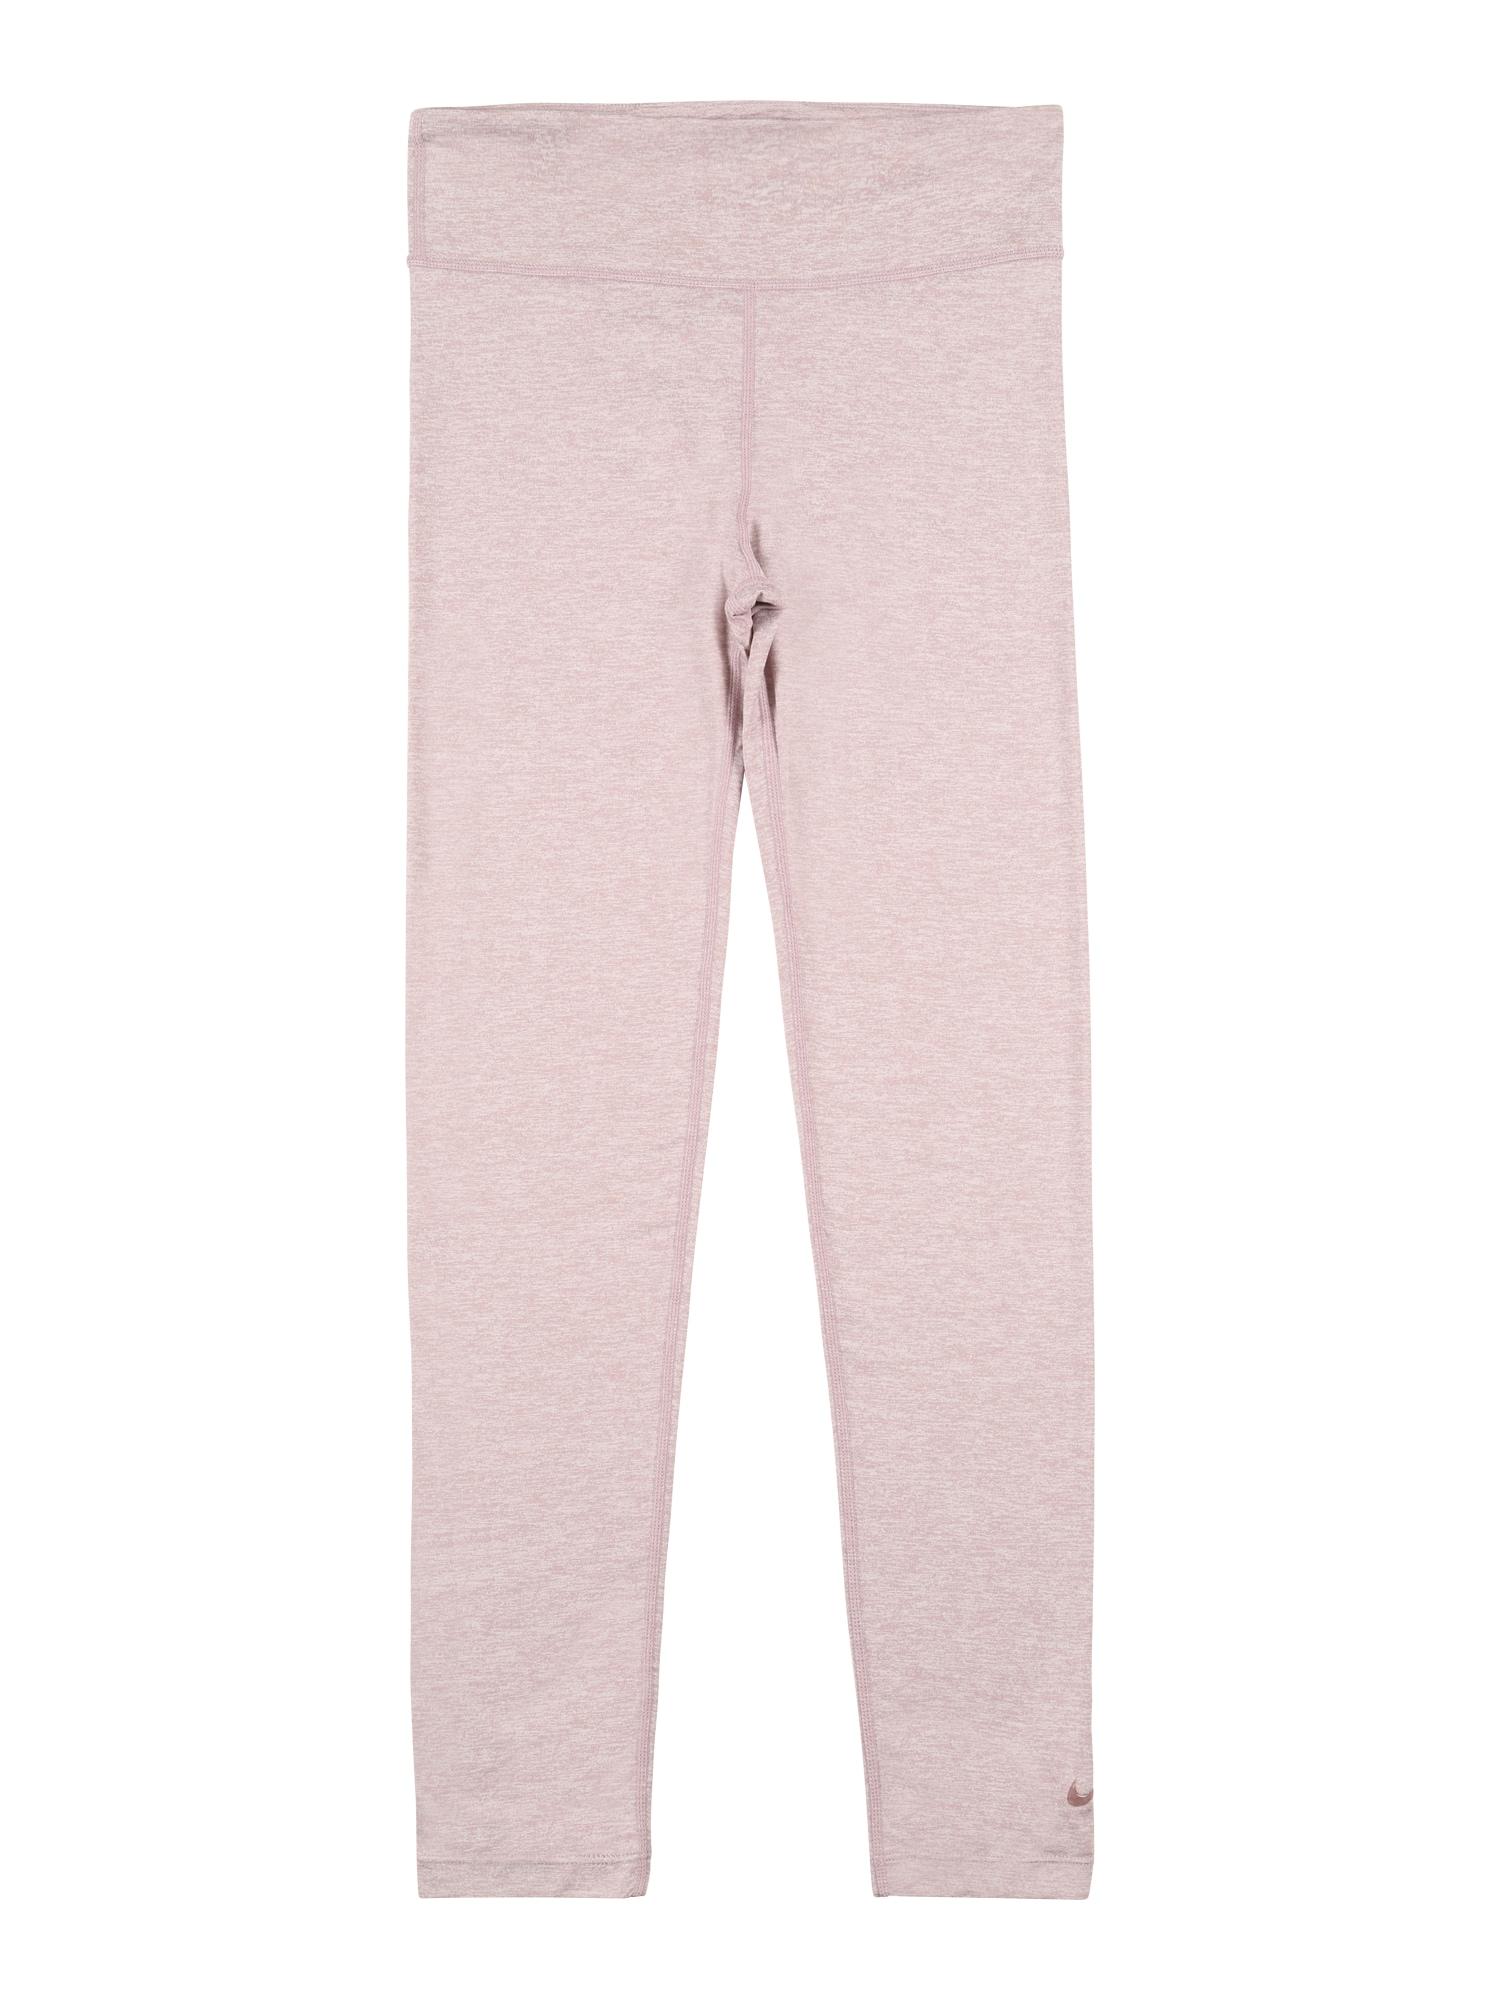 NIKE Sportovní kalhoty 'One Luxe'  švestková